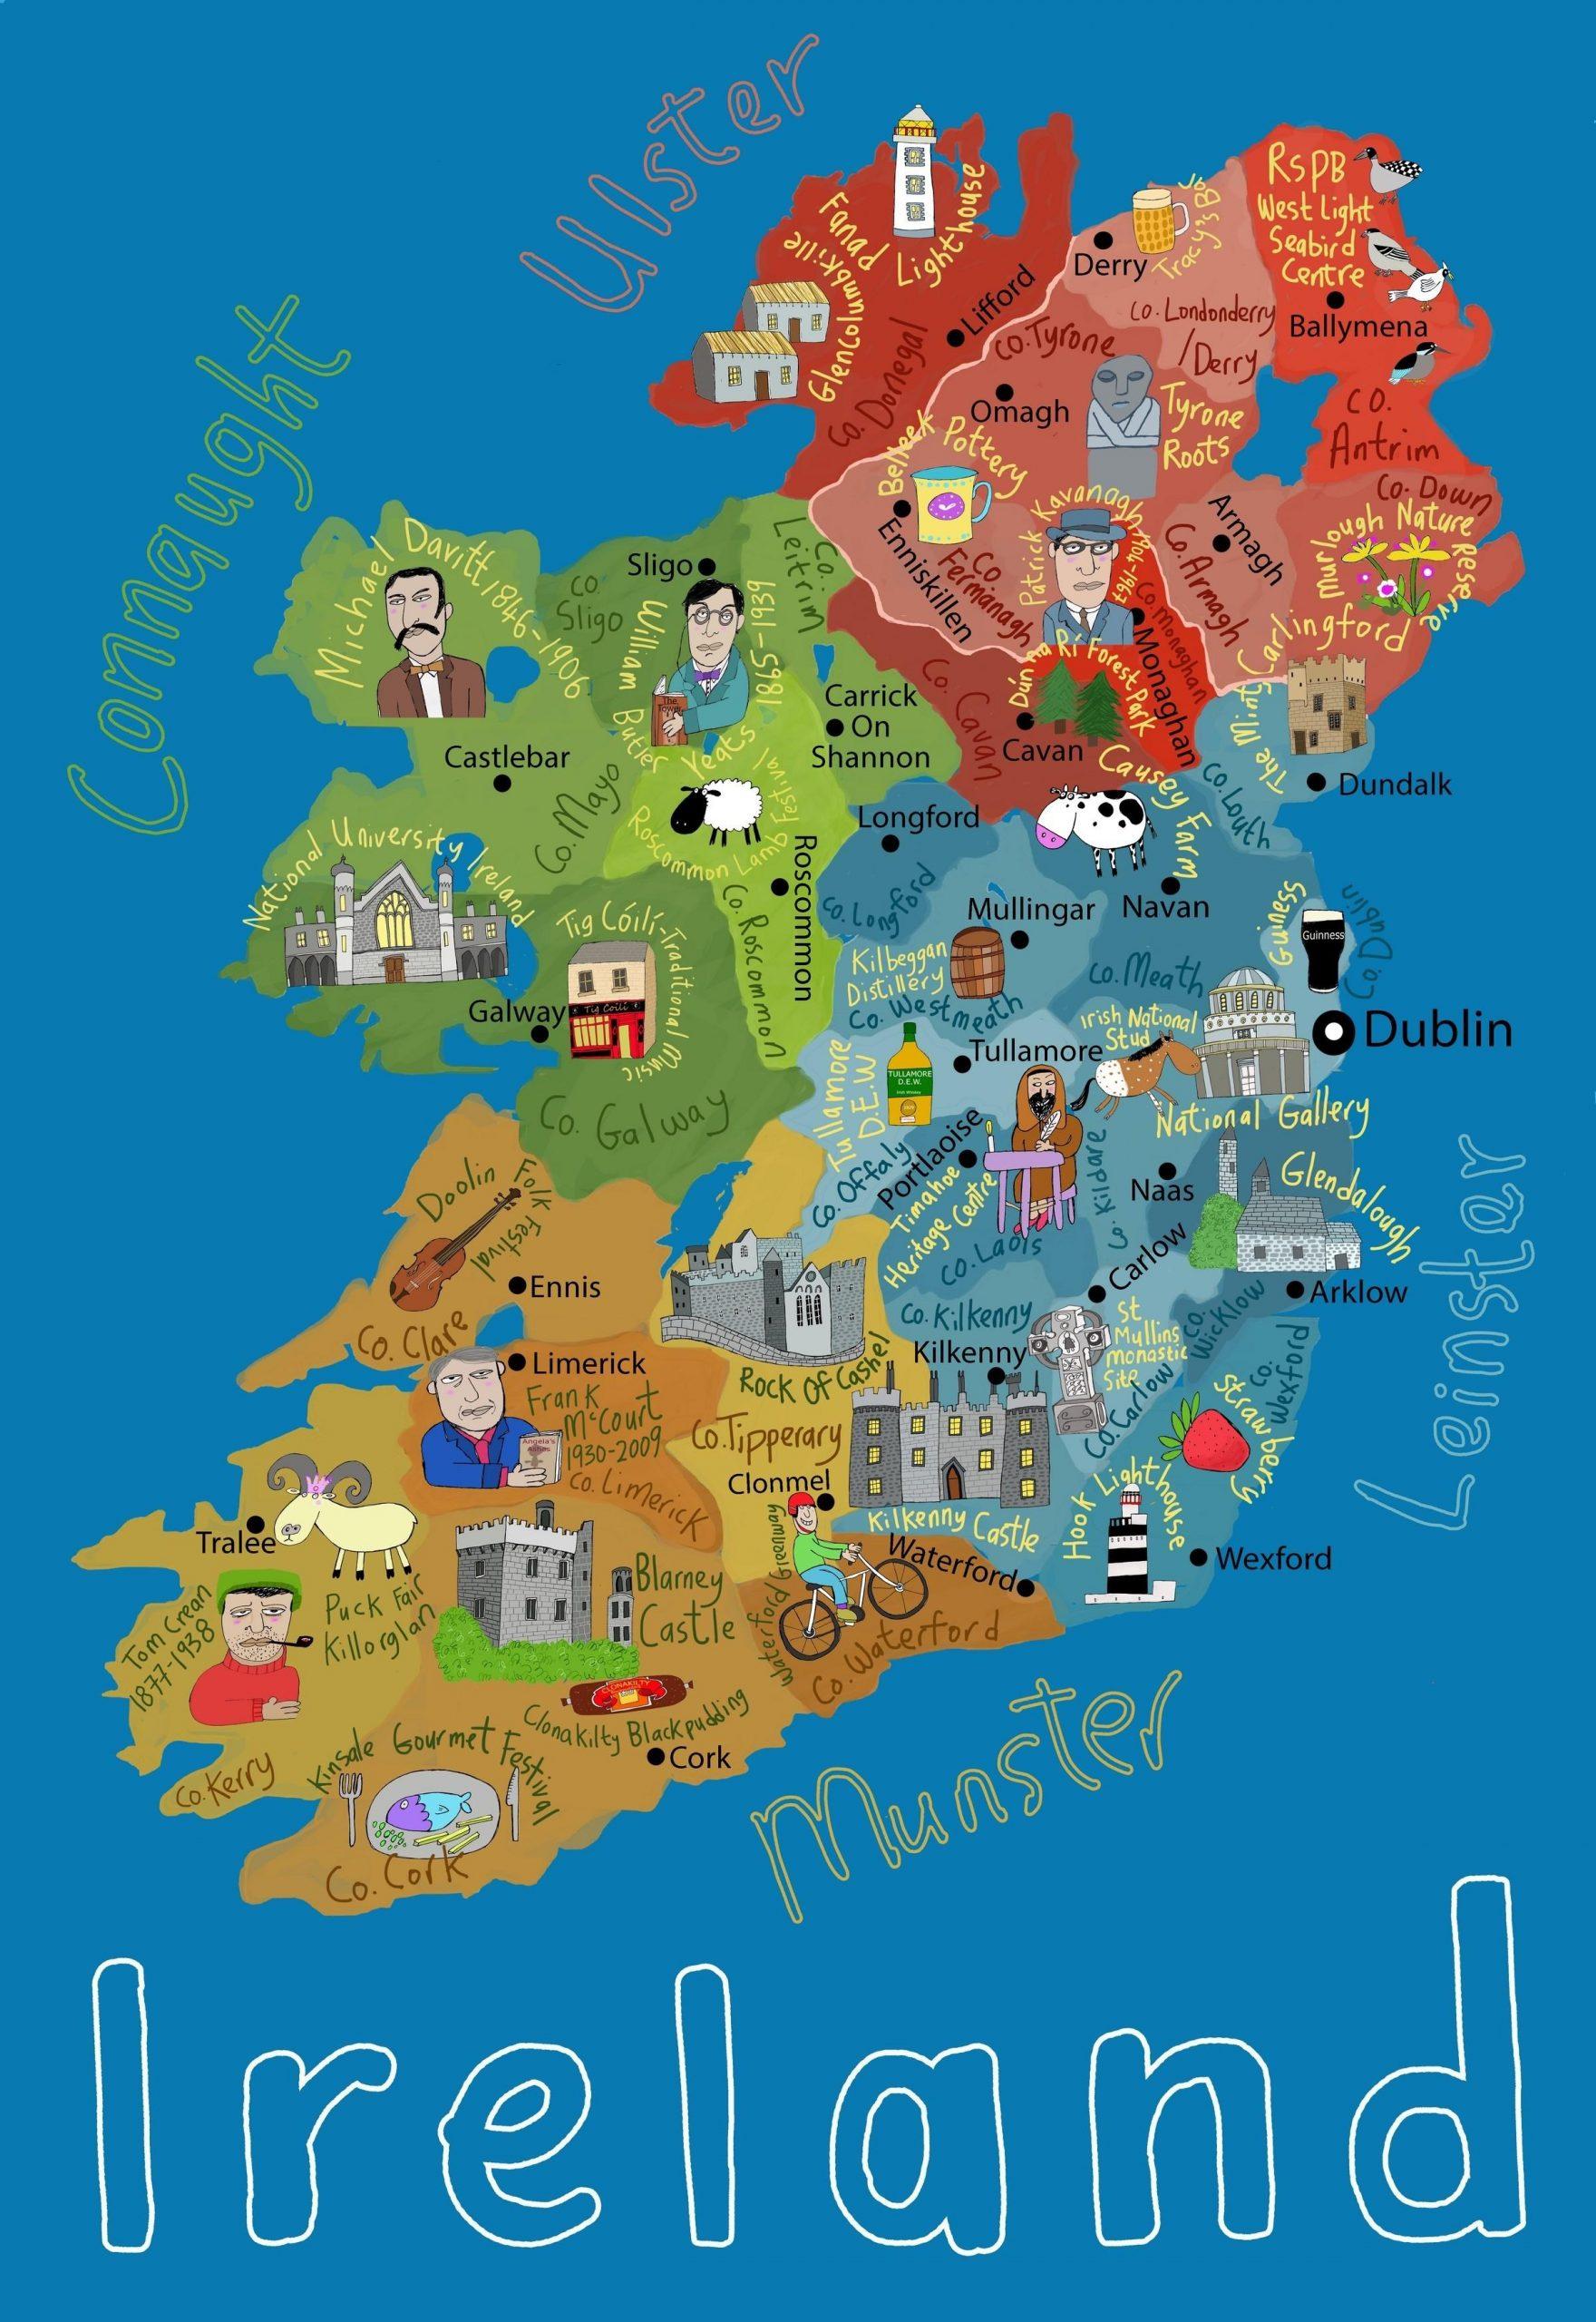 Childrens Carte De L'irlande - Carte De L'irlande Pour Les pour Carte Europe Enfant